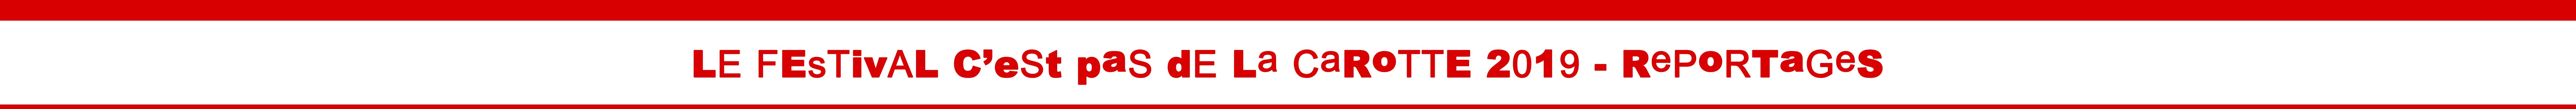 http://labomedia.a.l.f.unblog.fr/files/2020/12/poatlf-cest-pas-de-la-carotte-07.png